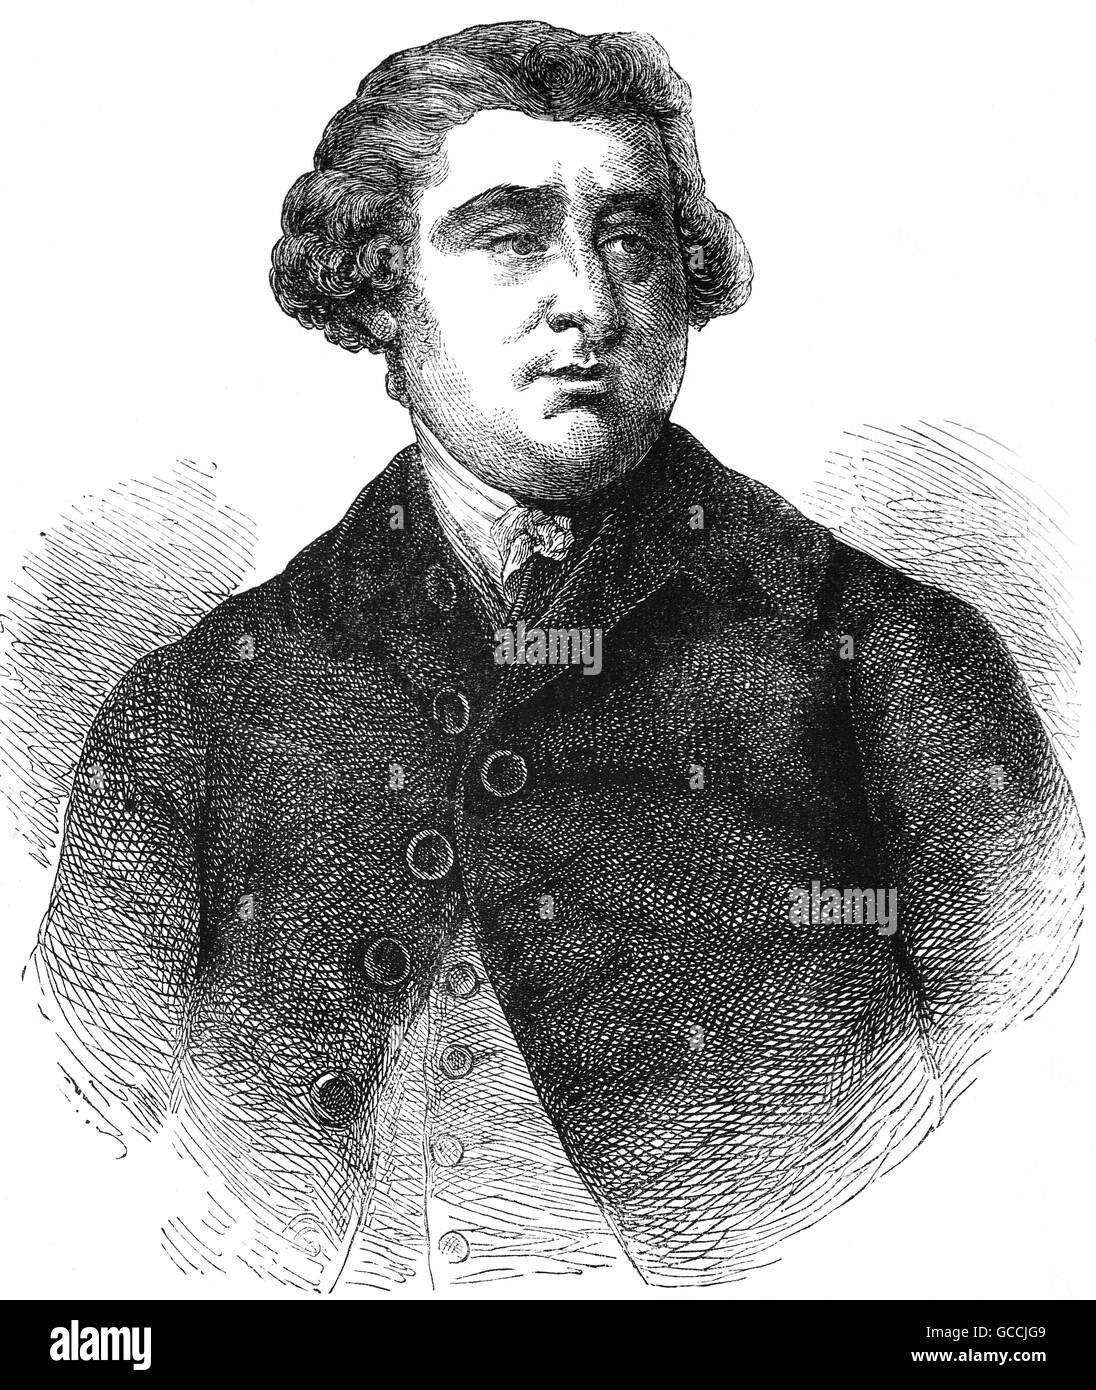 Charles James Fox (1749 - 1806), di stile e gli onorevoli dal 1762, era un prominente Whig britannico comincia la Immagini Stock